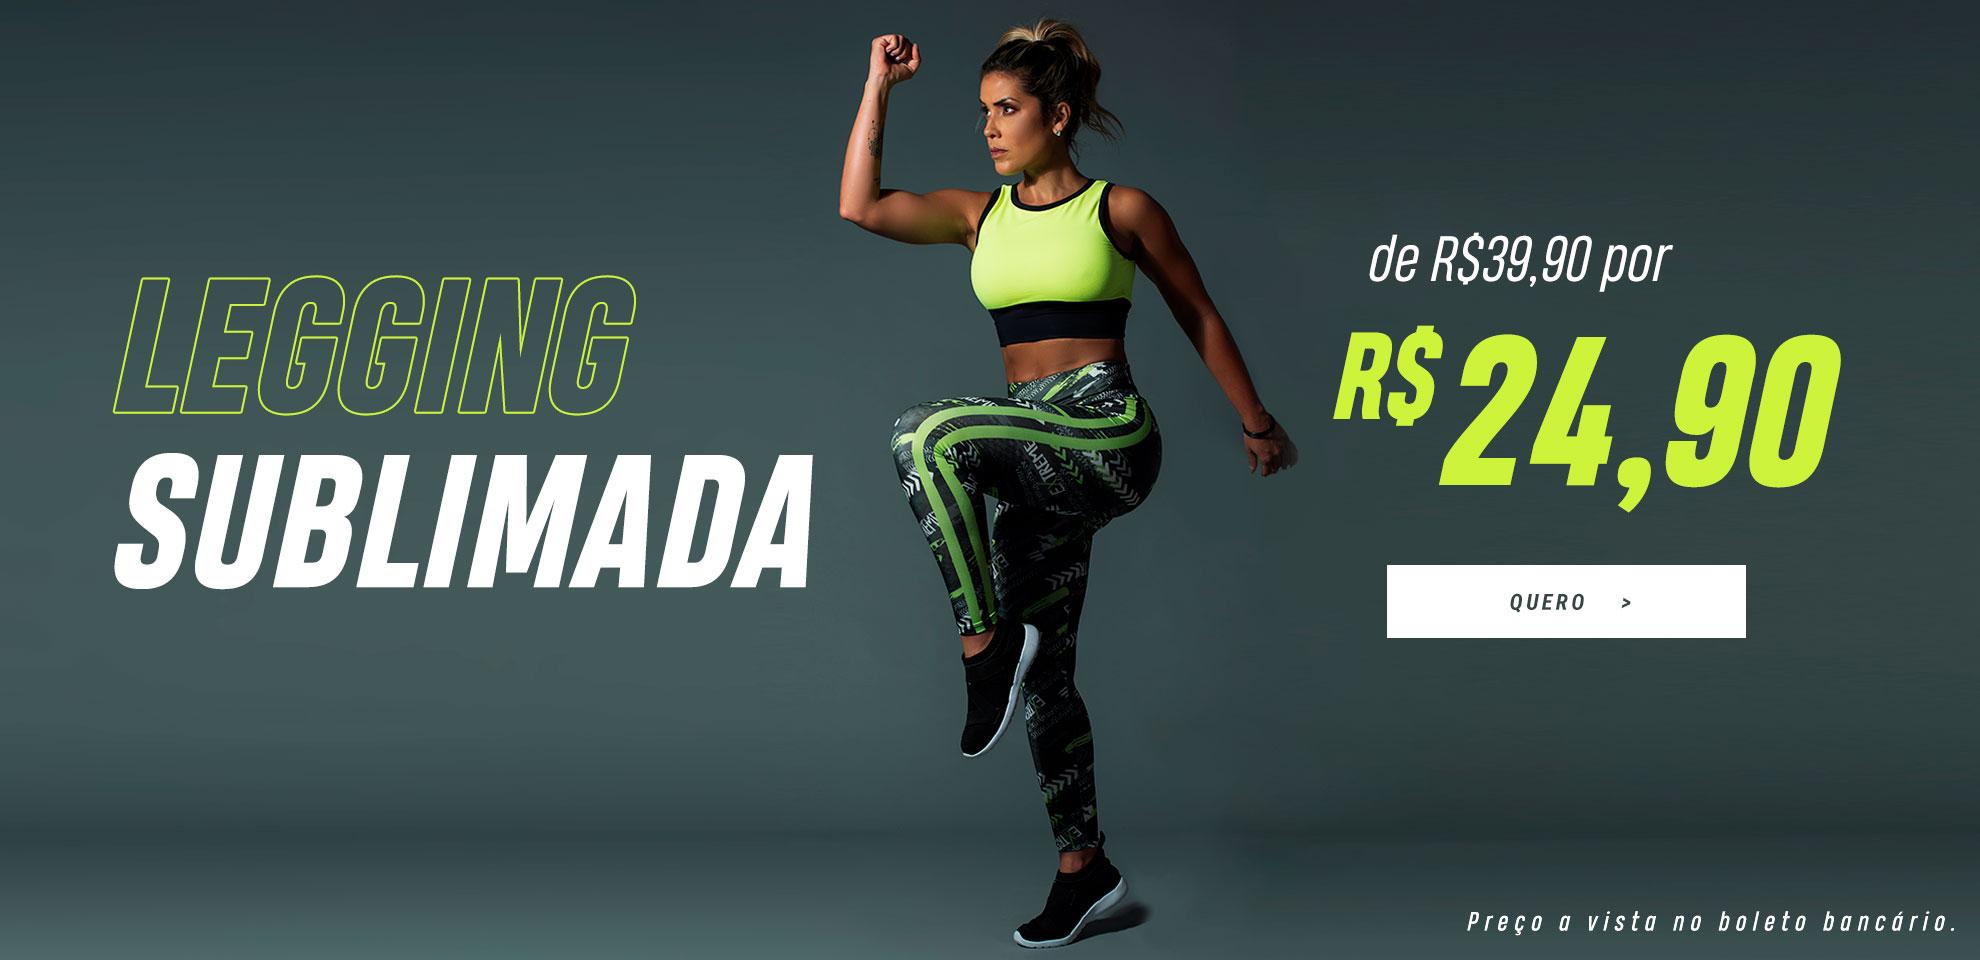 e475dc4dd Moda fitness loja virtual de roupas no atacado jpg 1980x960 Roupas para  ginastica